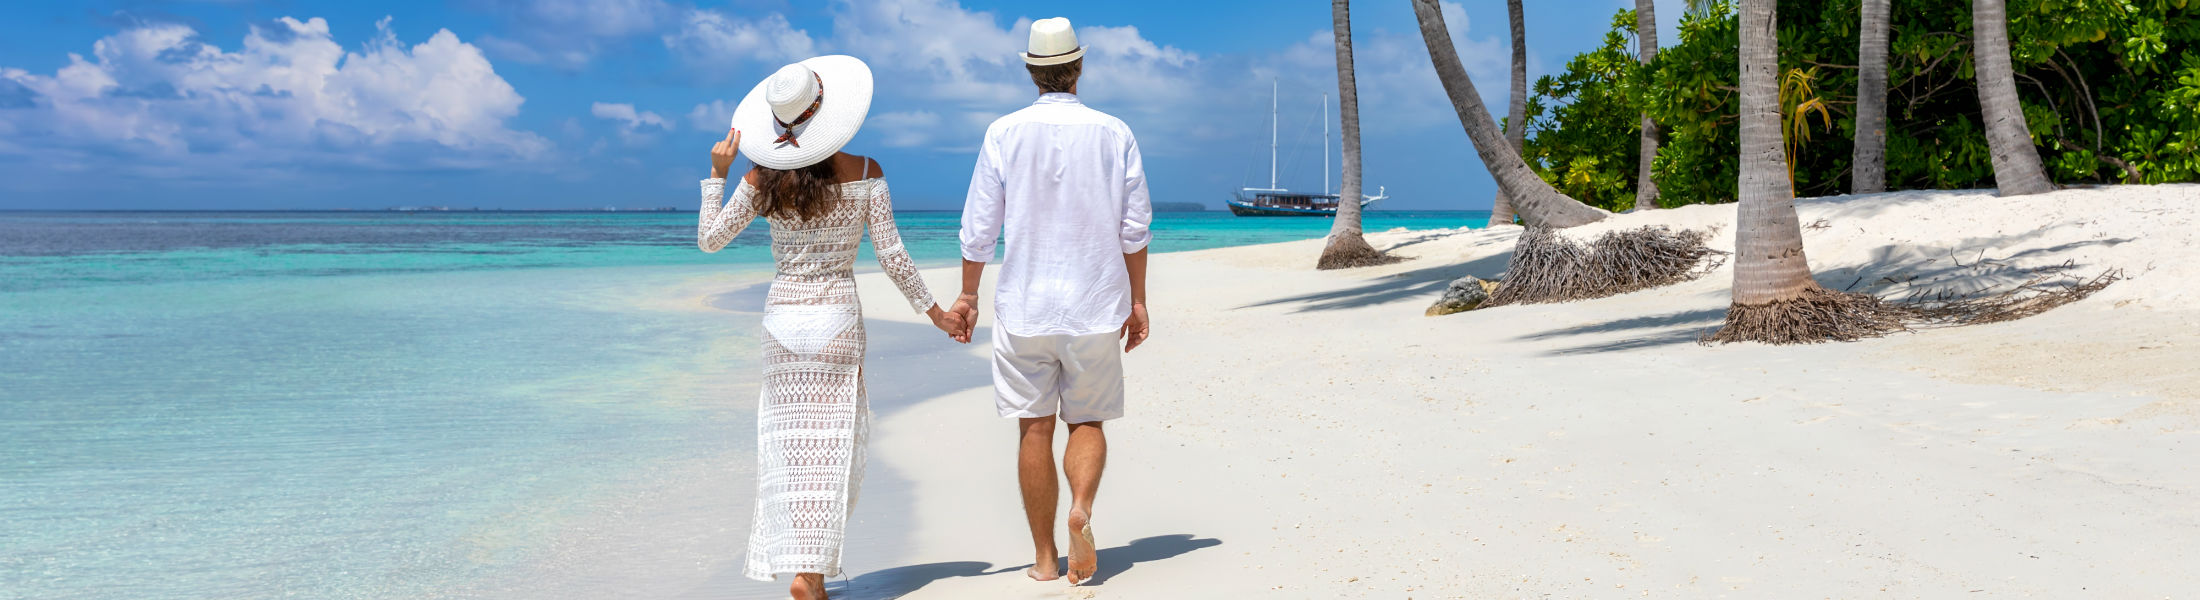 couple walks down a tropical beach